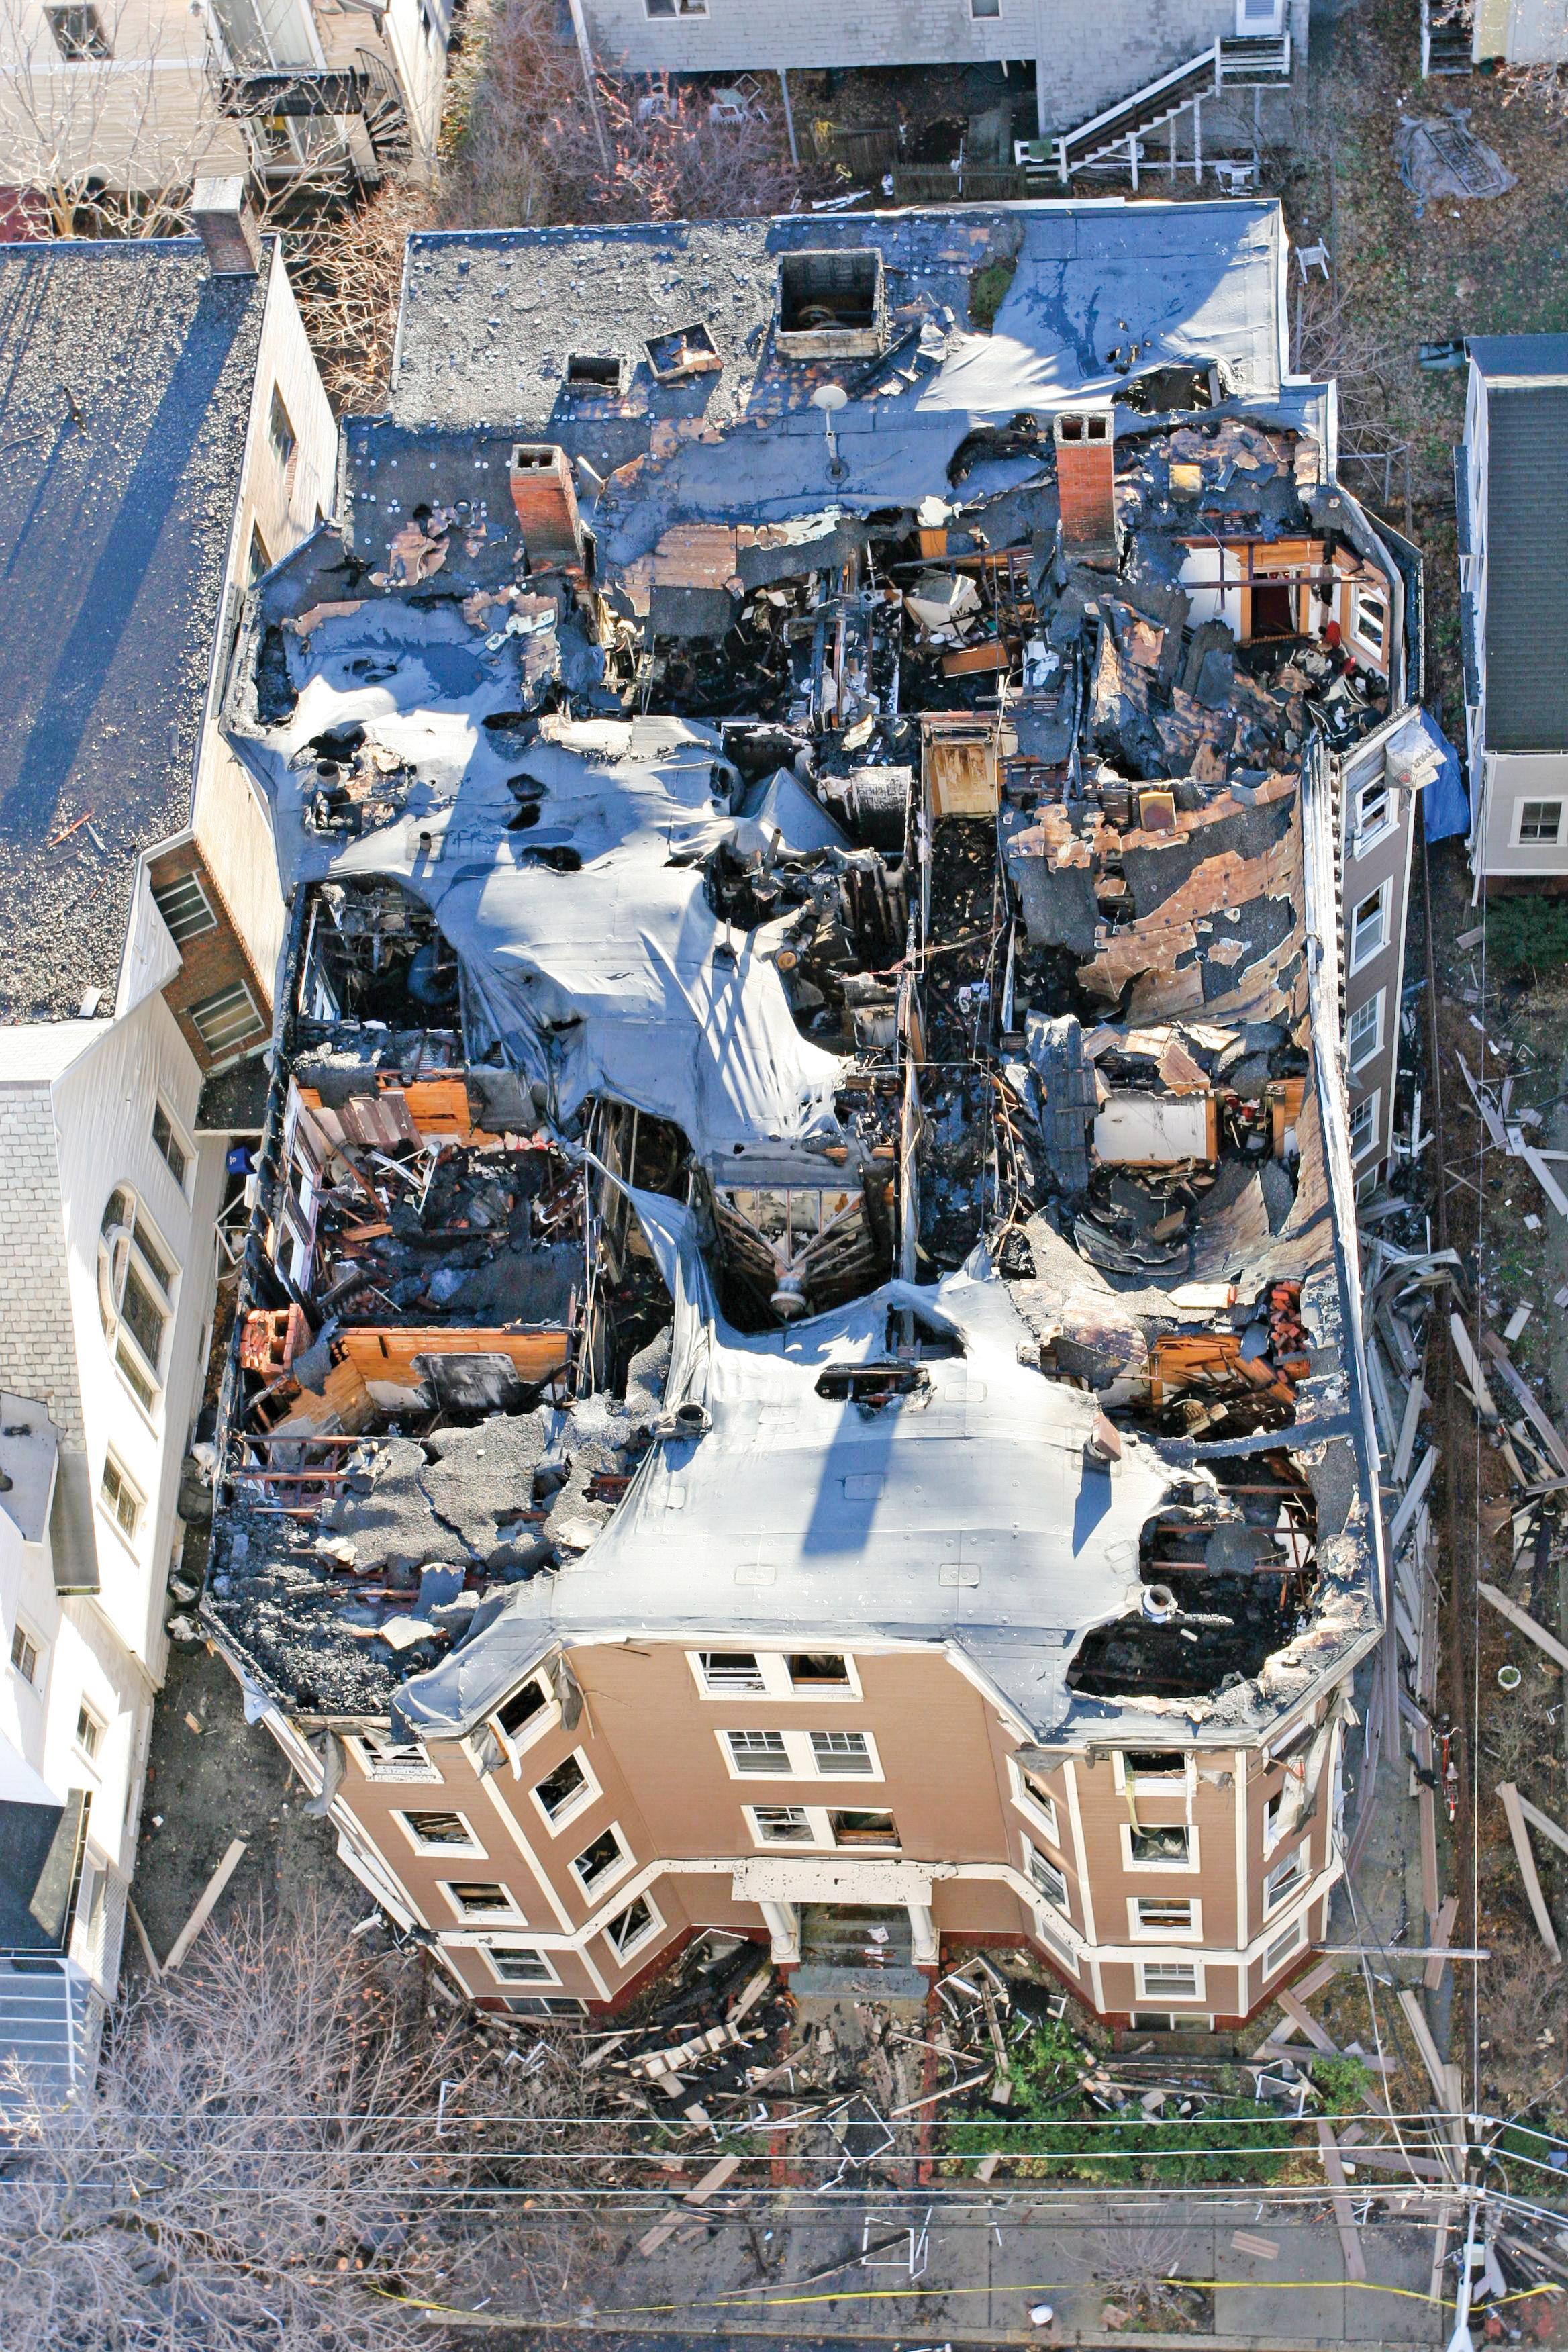 Cambridge Condo Fire Damage   Professional Loss Adjusters